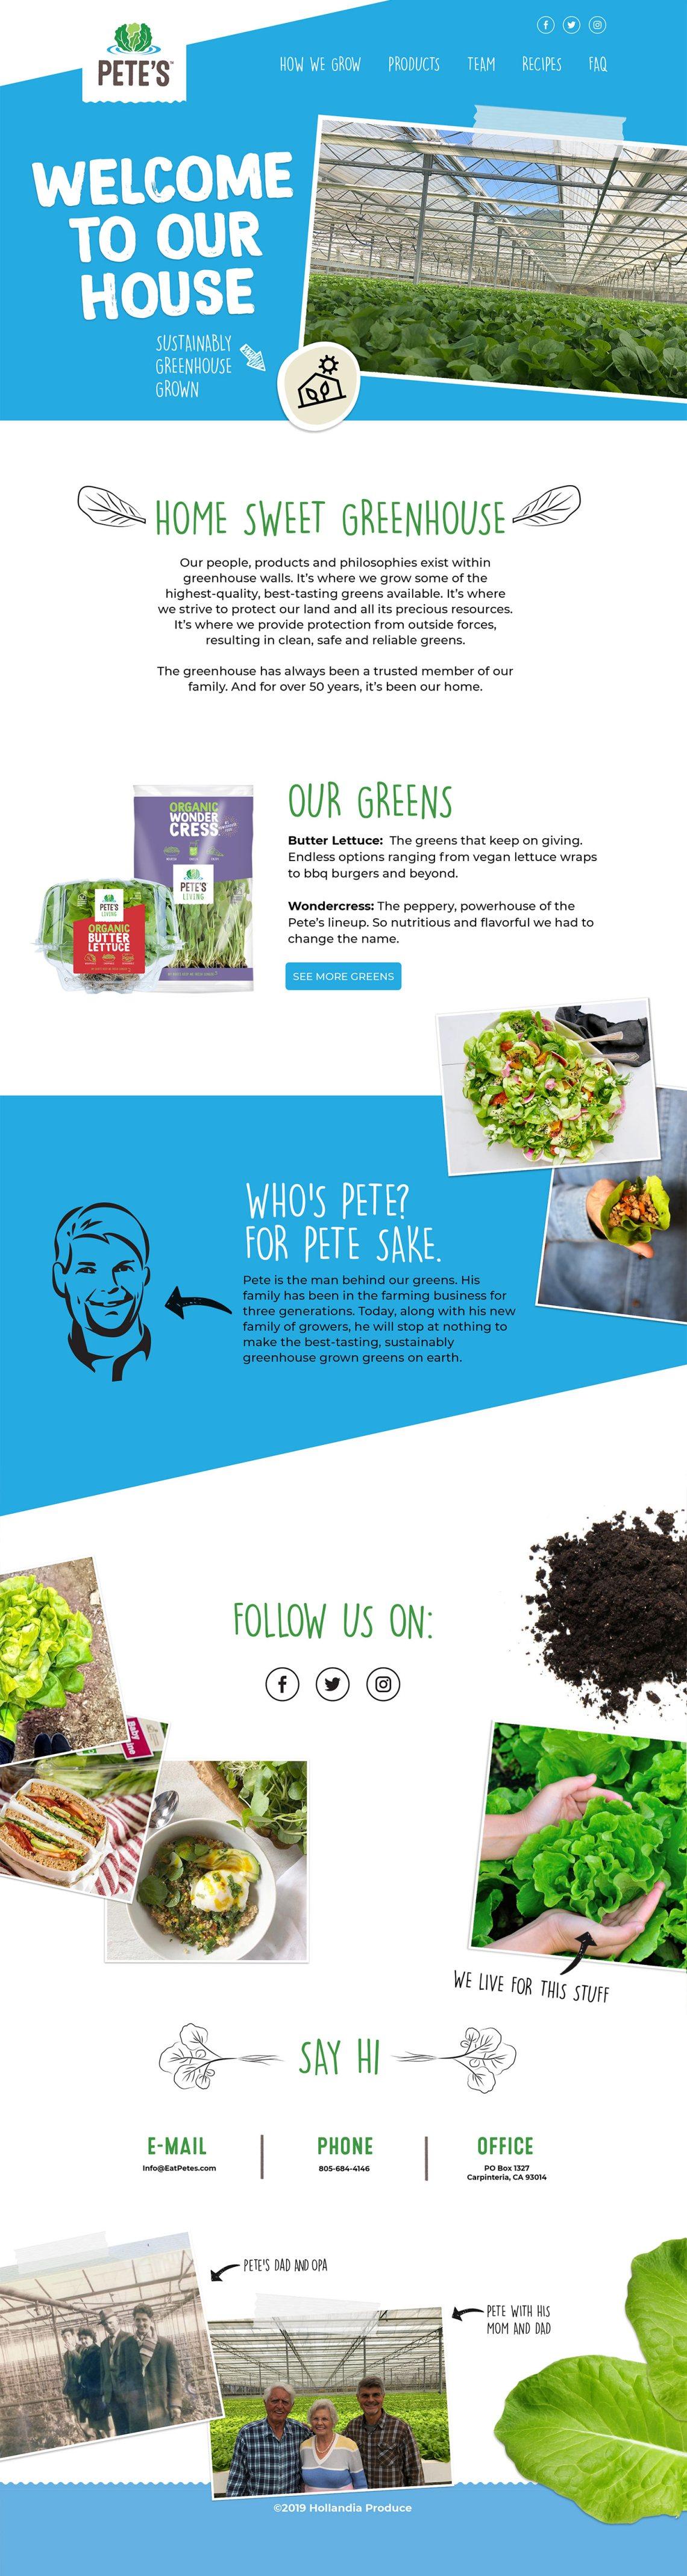 Pete's Living - eatpetes.com - Website Redesign Santa Barbara CA